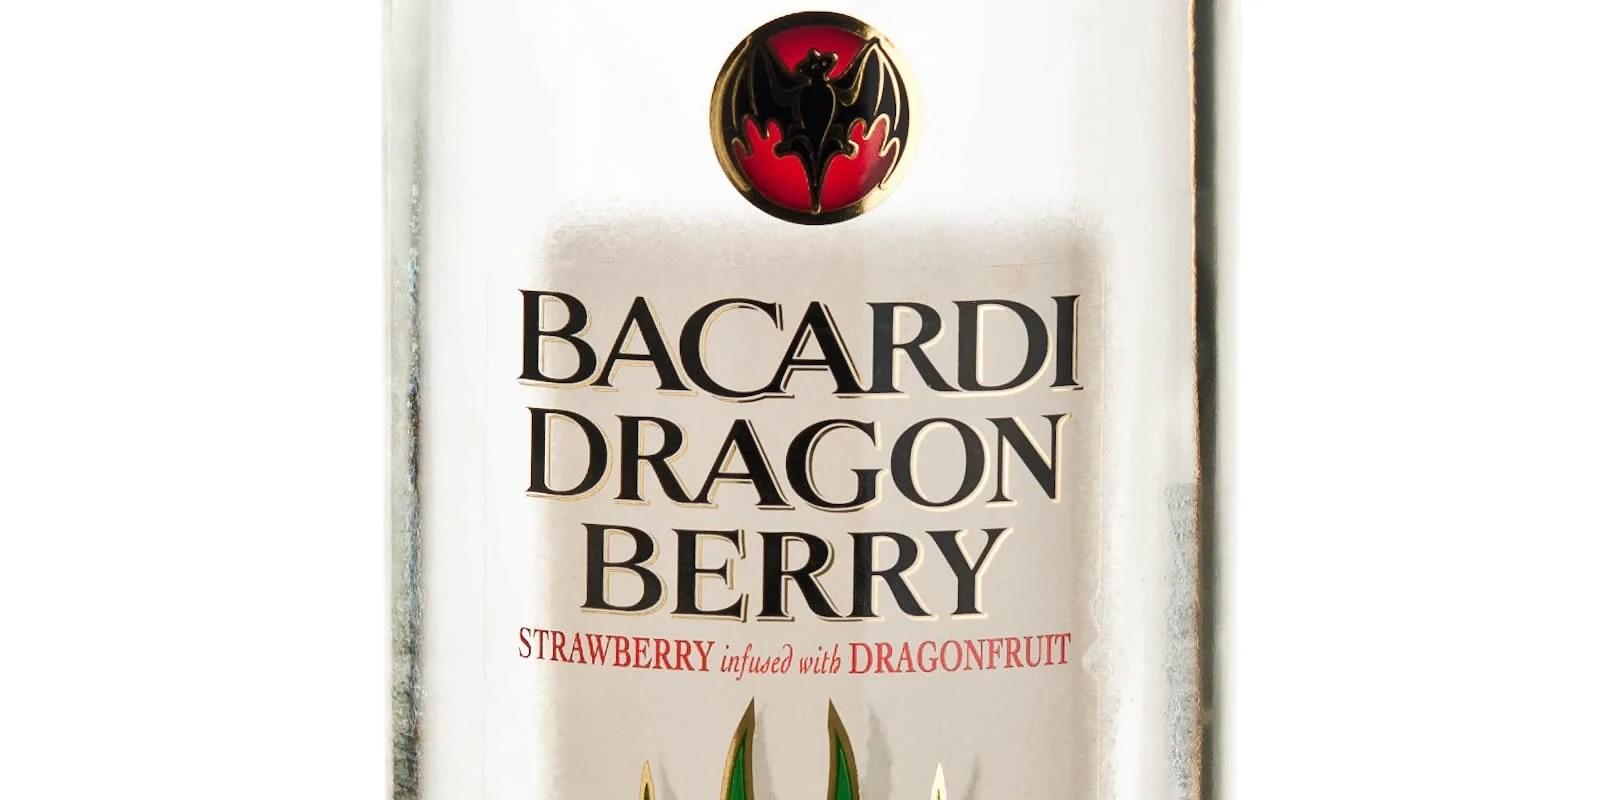 Bacardi Dragon Berry Martini